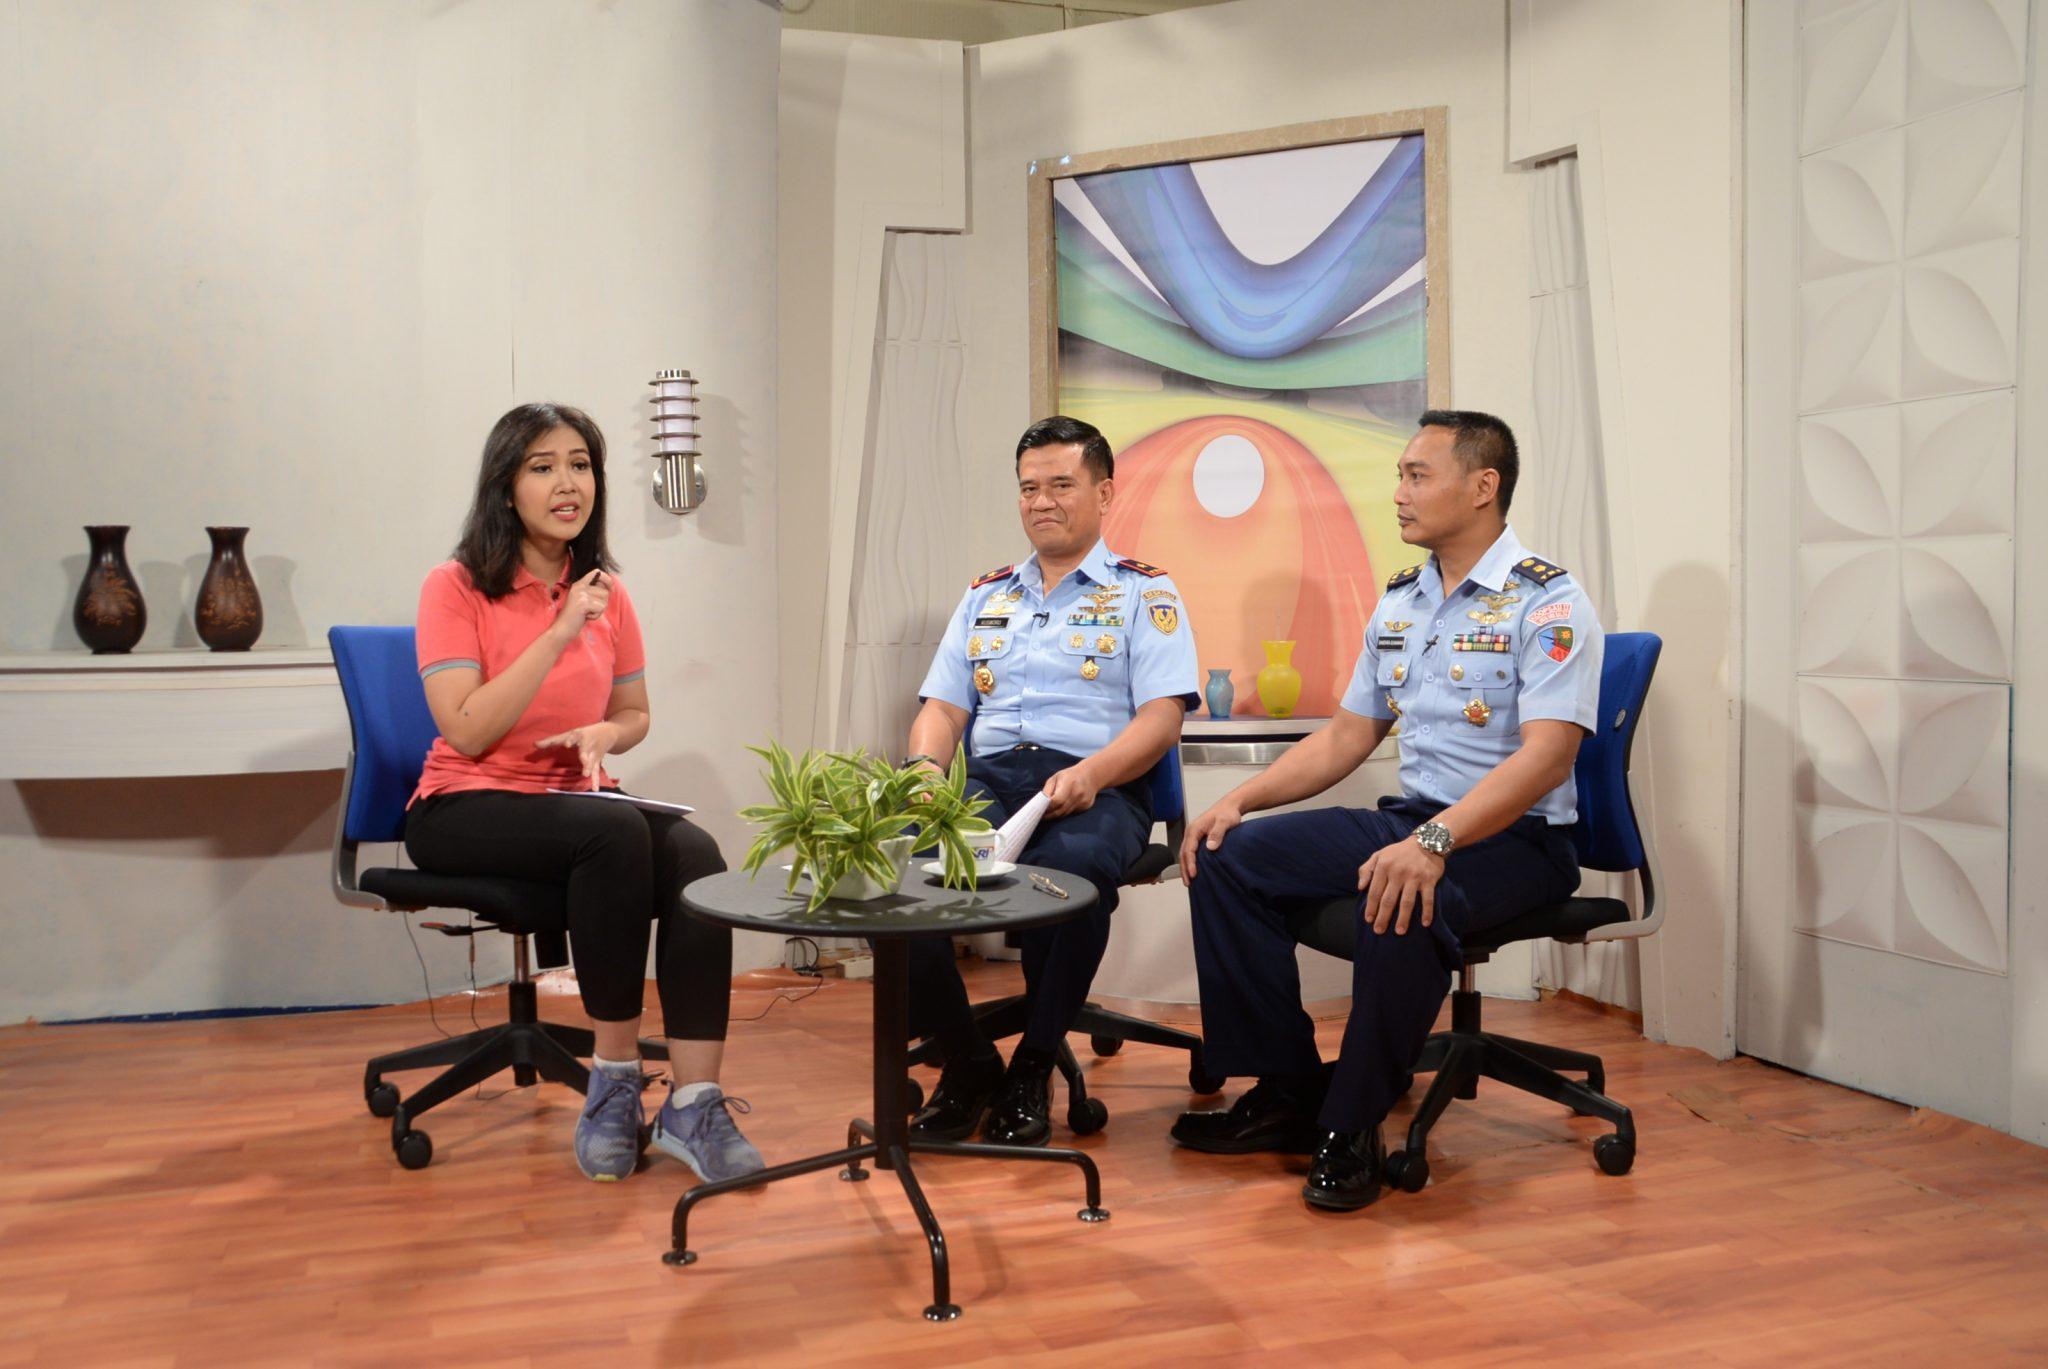 Dalam rangka Seskoau Run A-55, Wadan Seskoau dan Ketua Senat Siaran Live di TVRI Jawa Barat